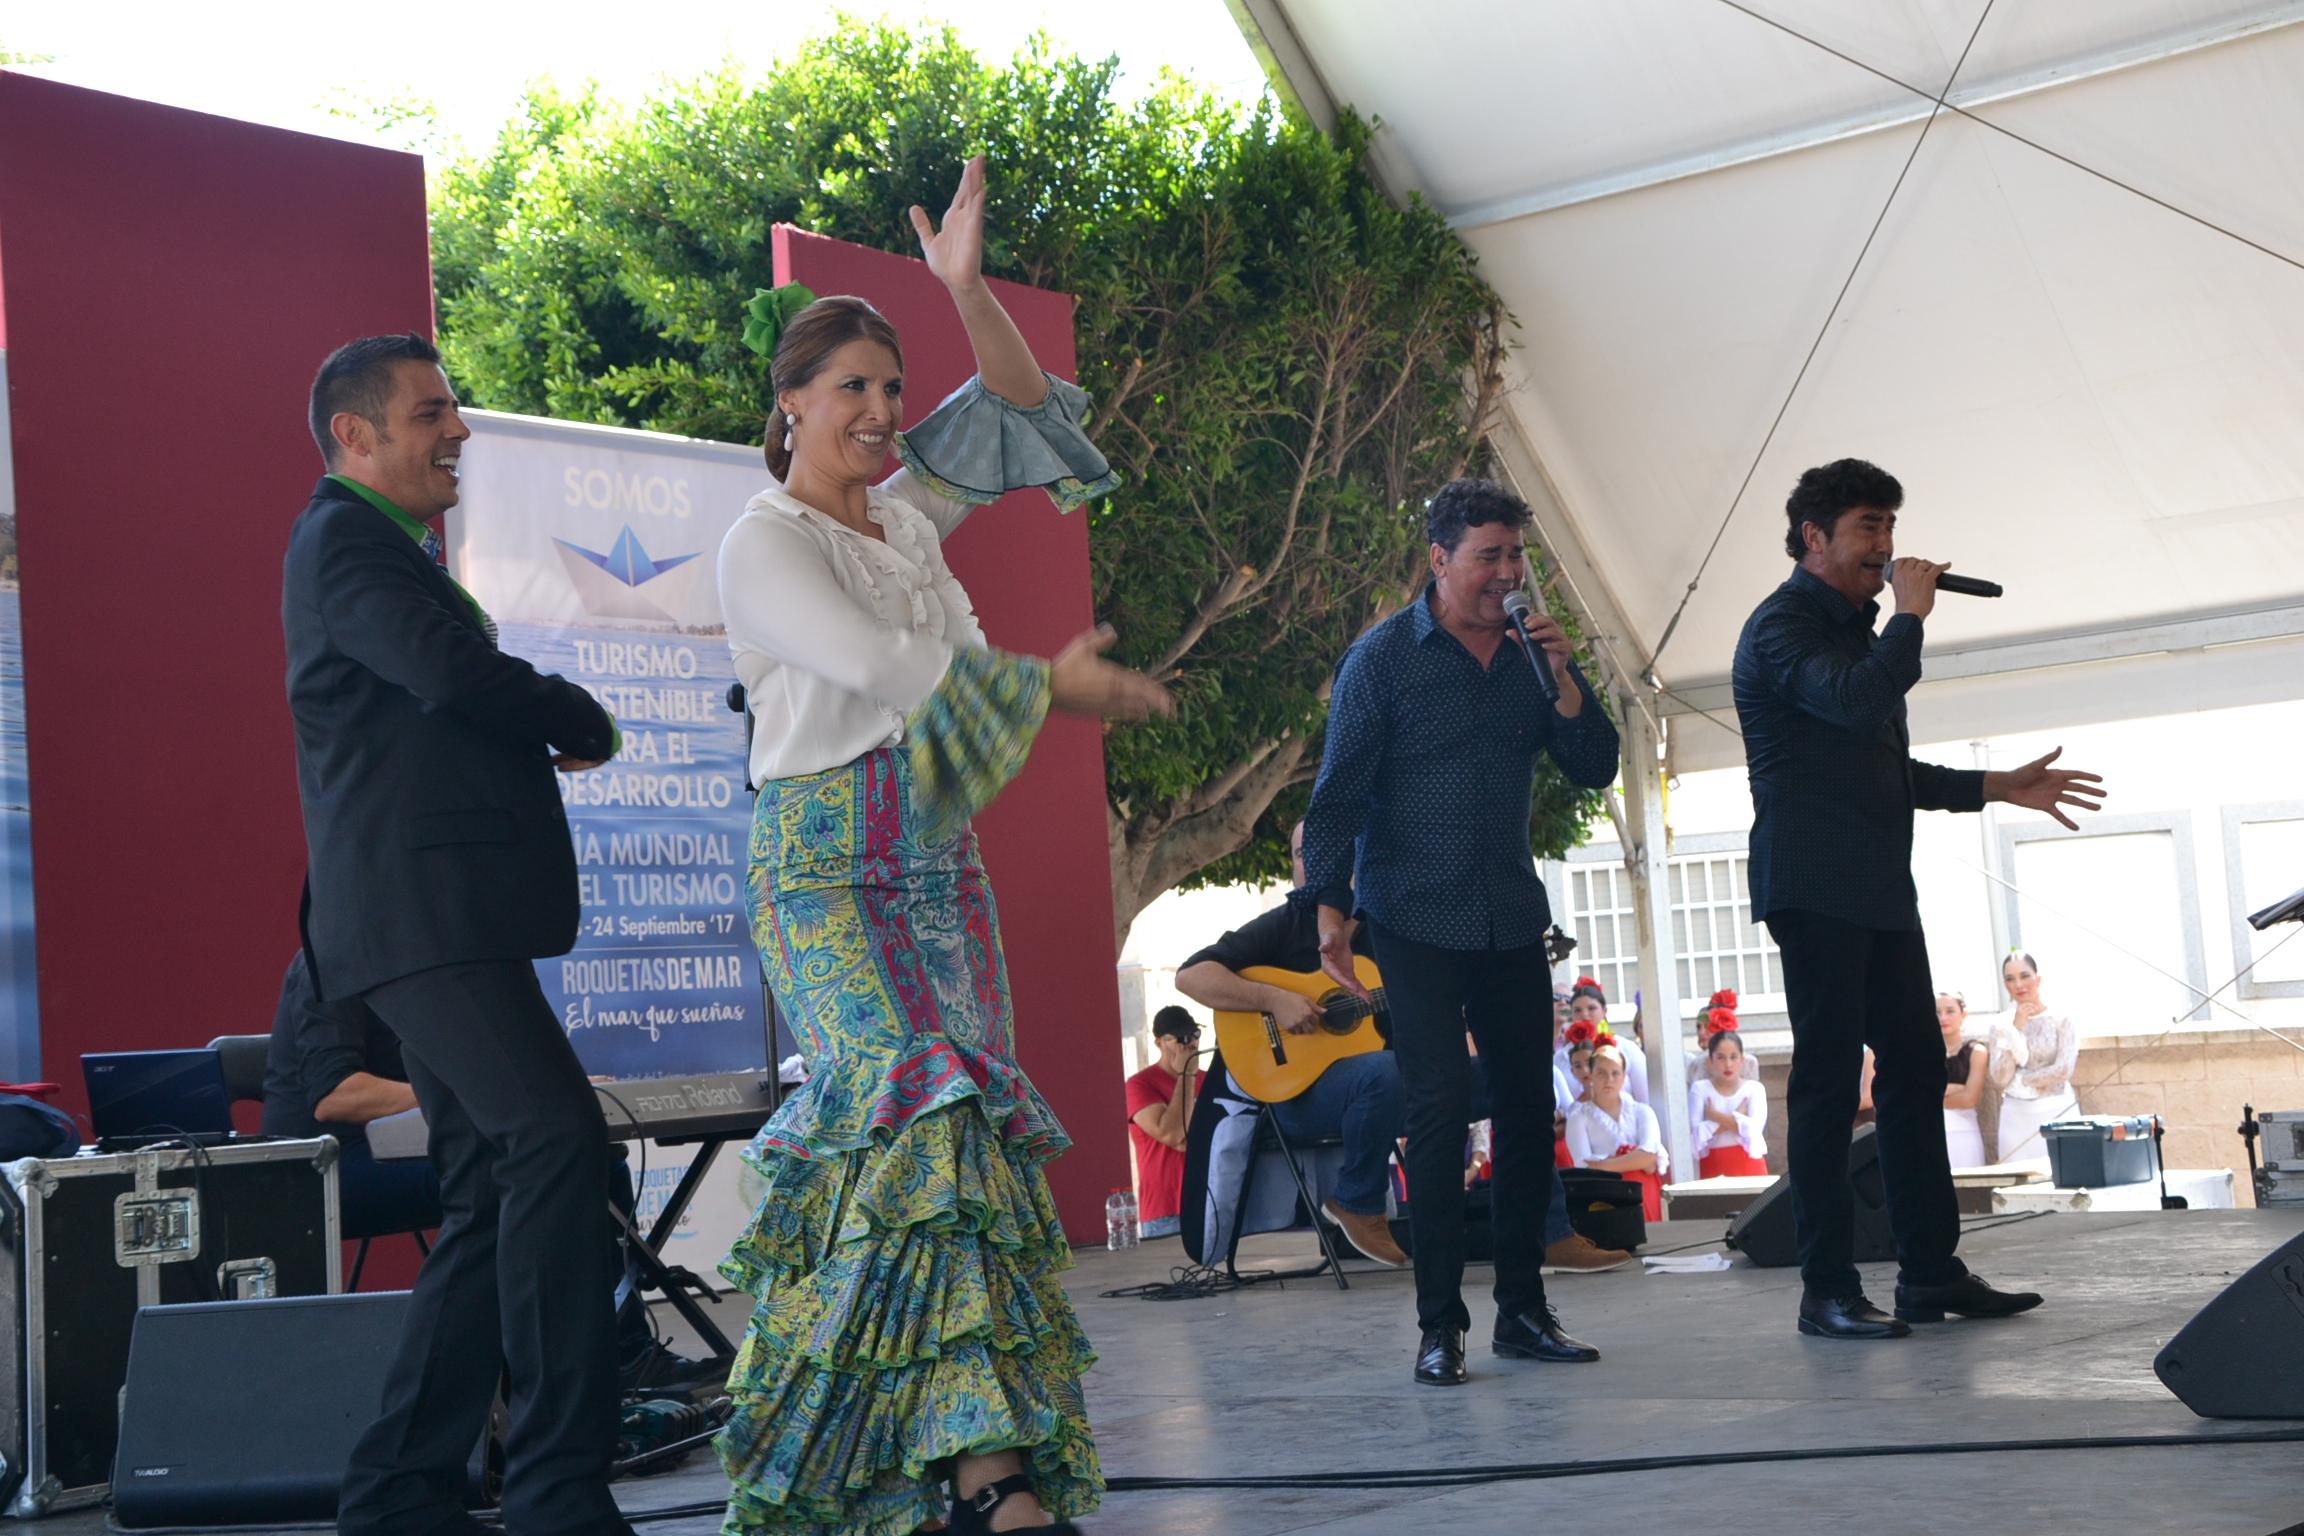 Roquetas celebra por todo lo alto el Día Mundial del Turismo